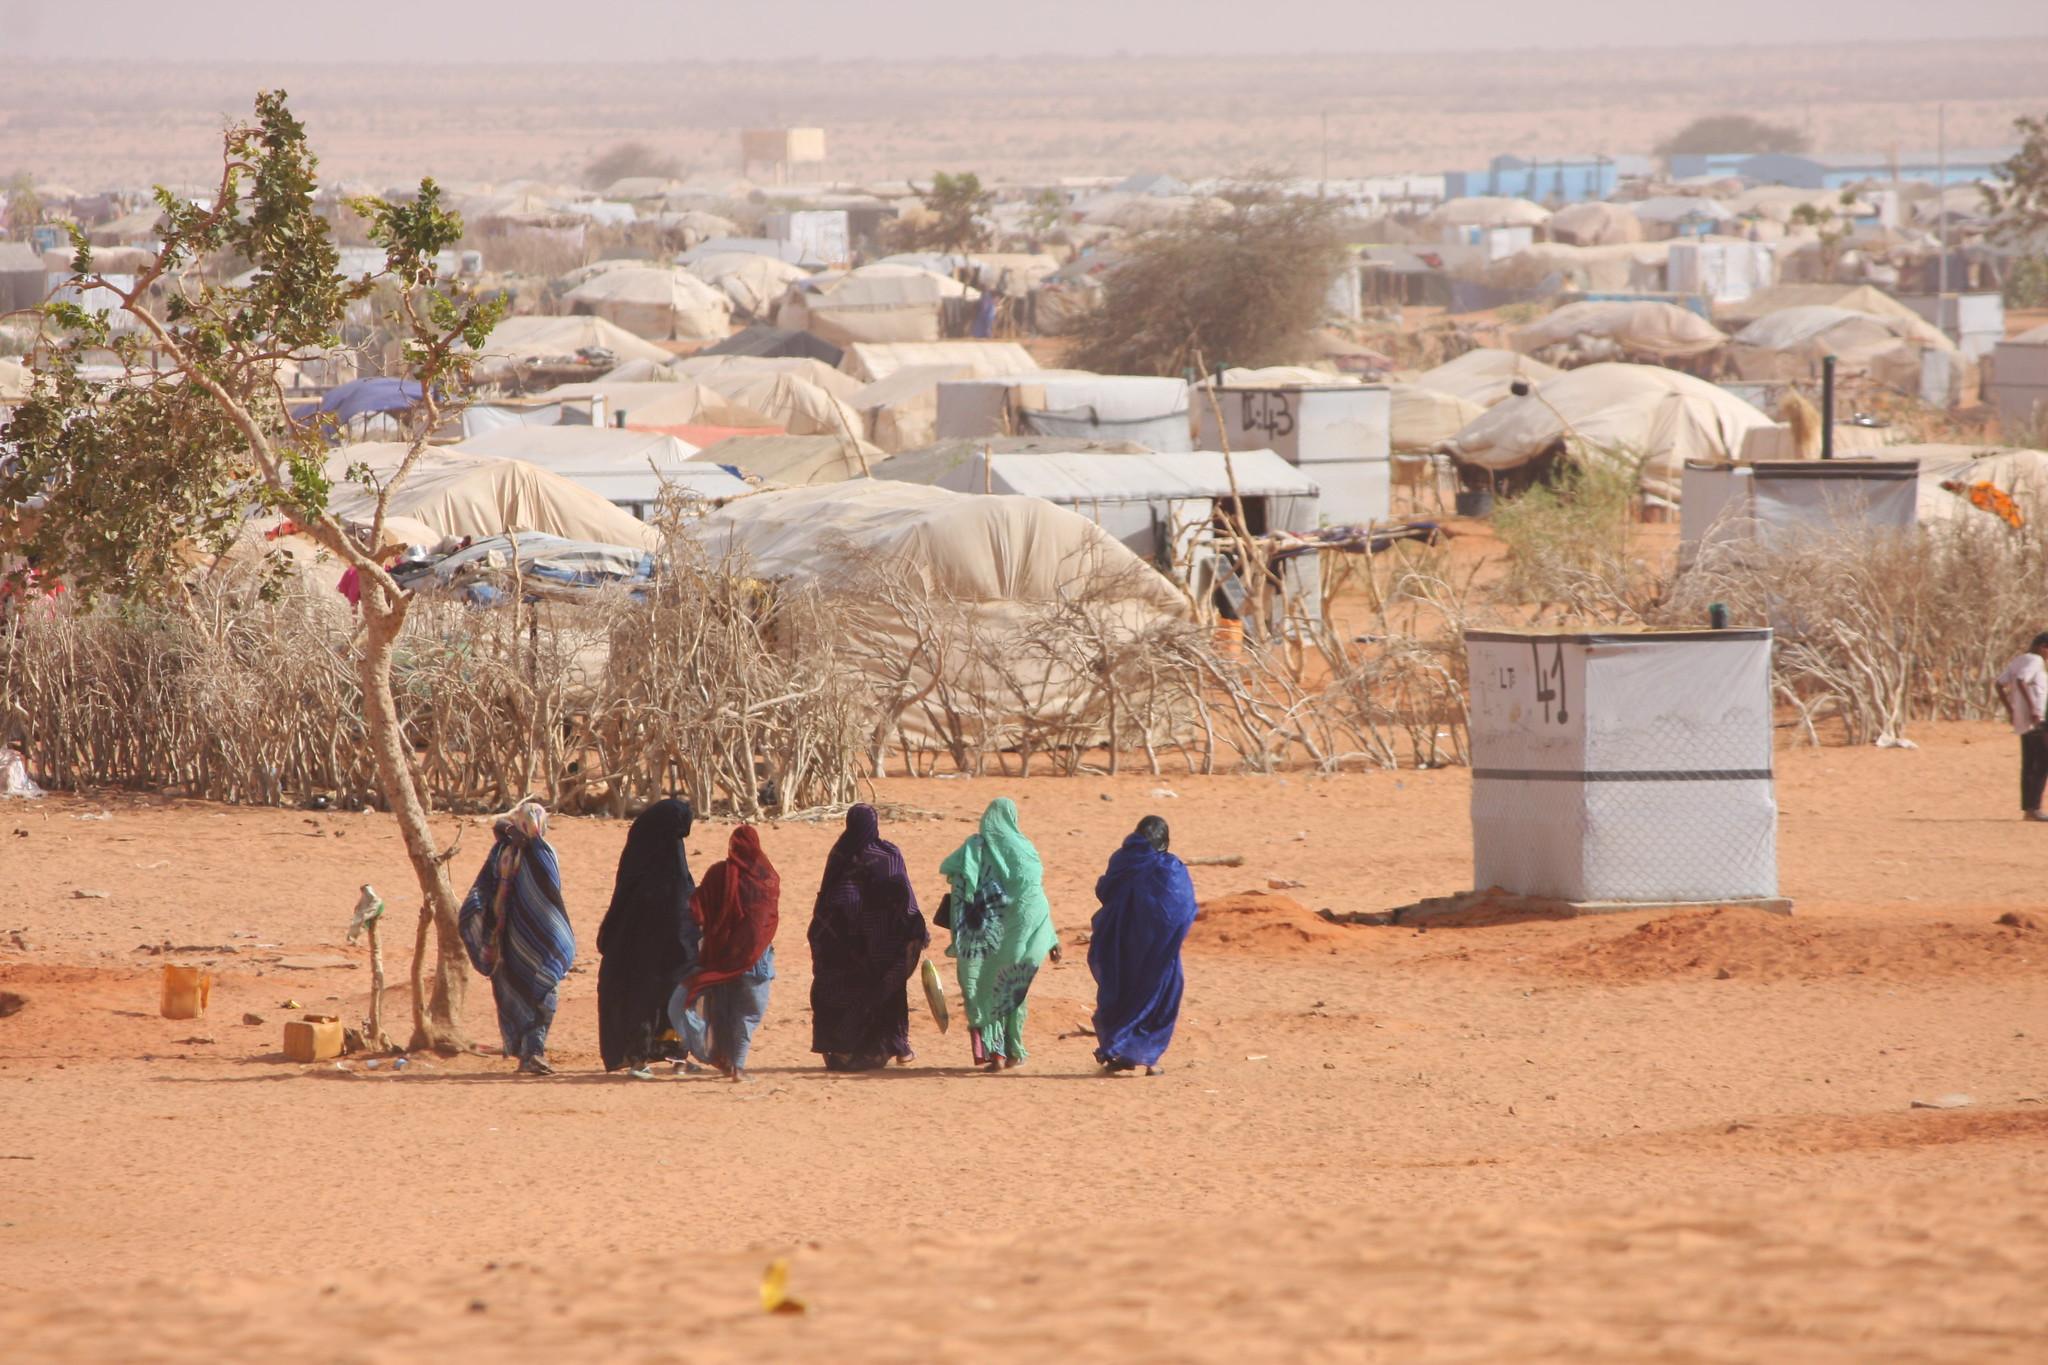 Fleeing Eritrea